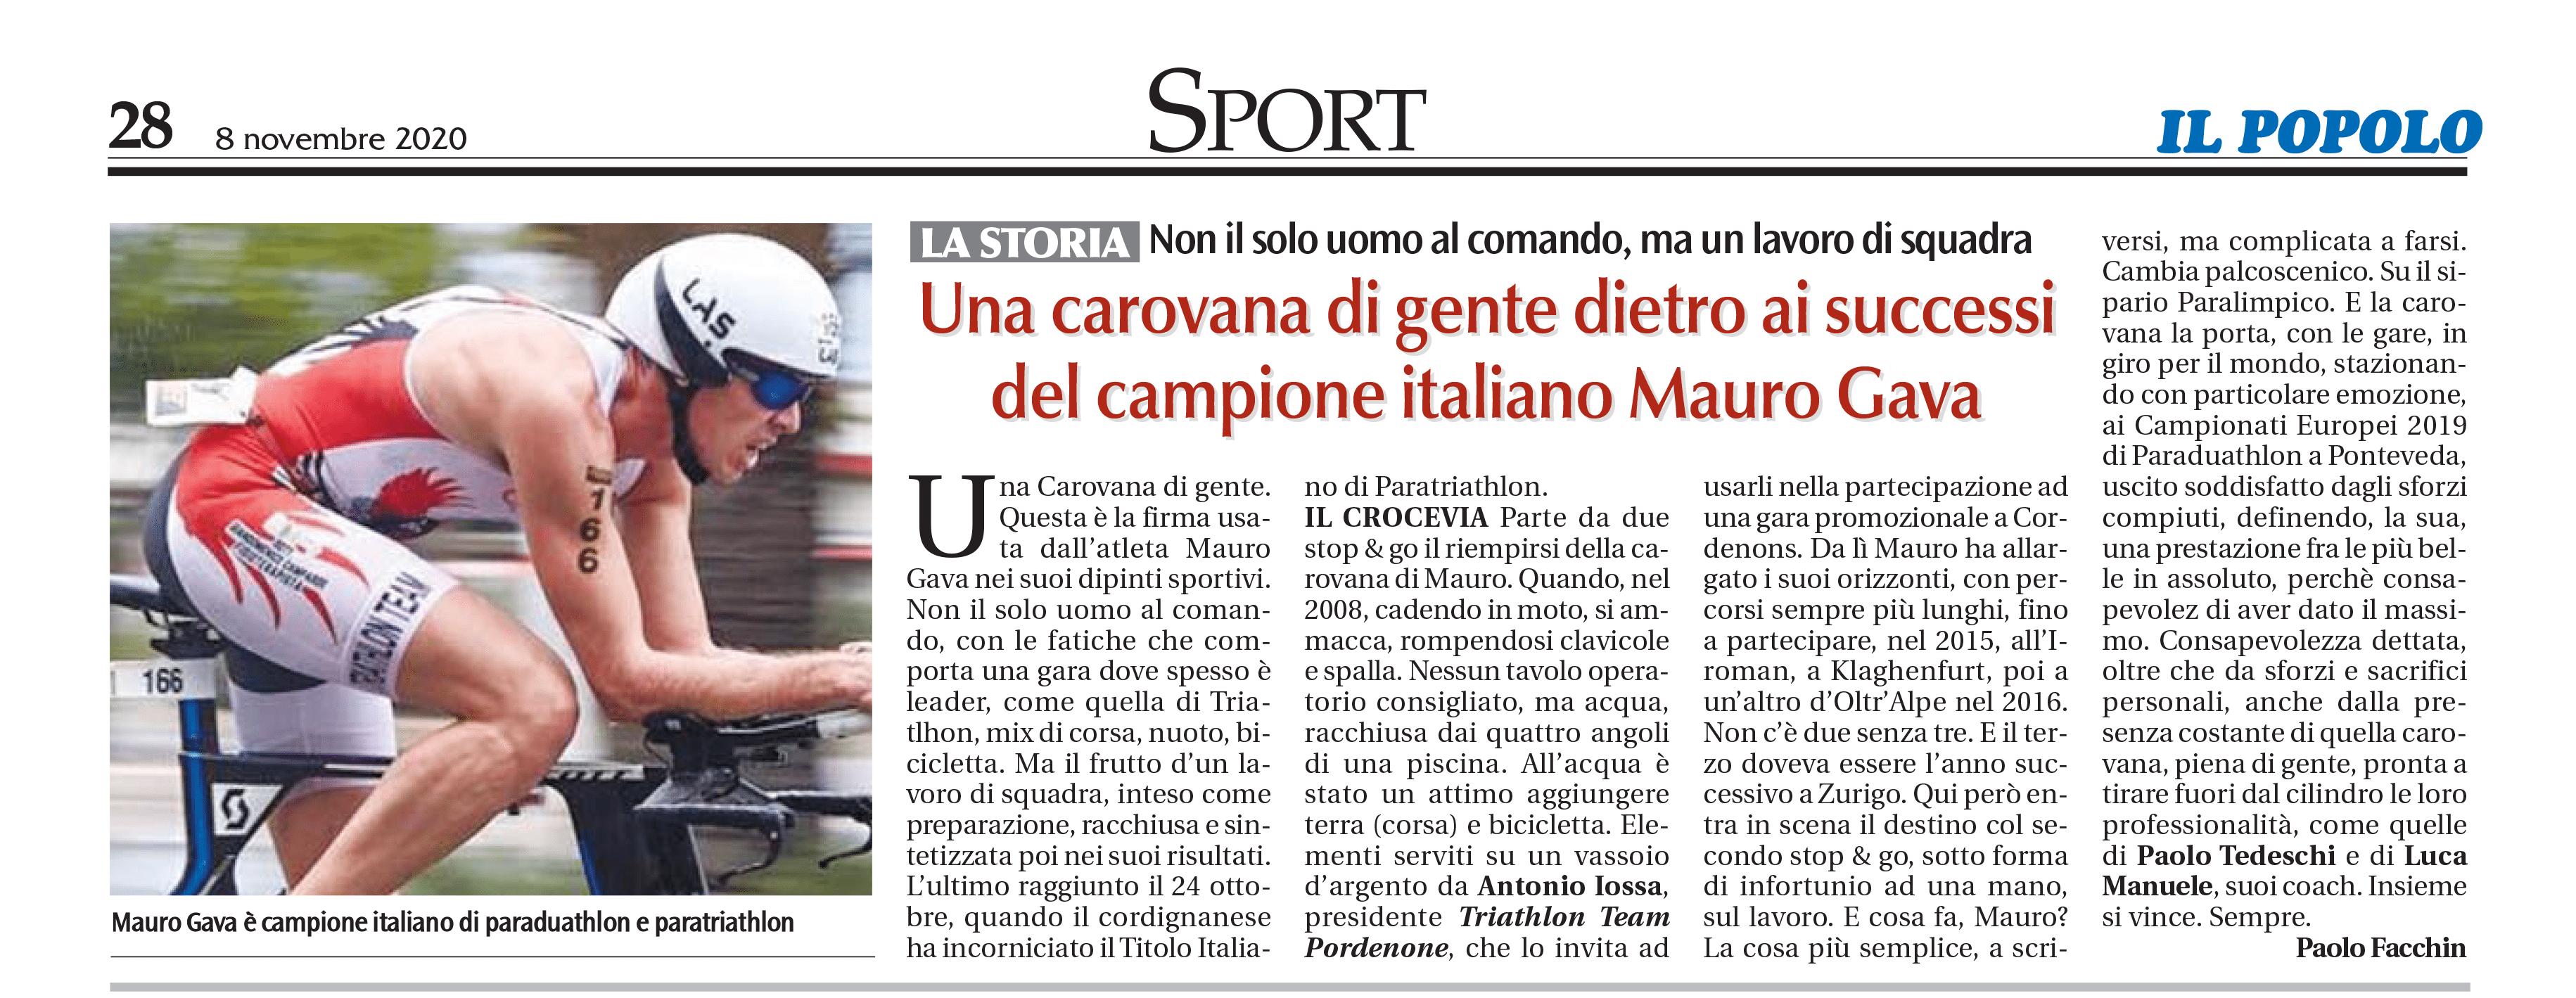 Il Popolo_05-11-2020_Una carovana di gente dietro ai successi del campione italiano Mauro Gava